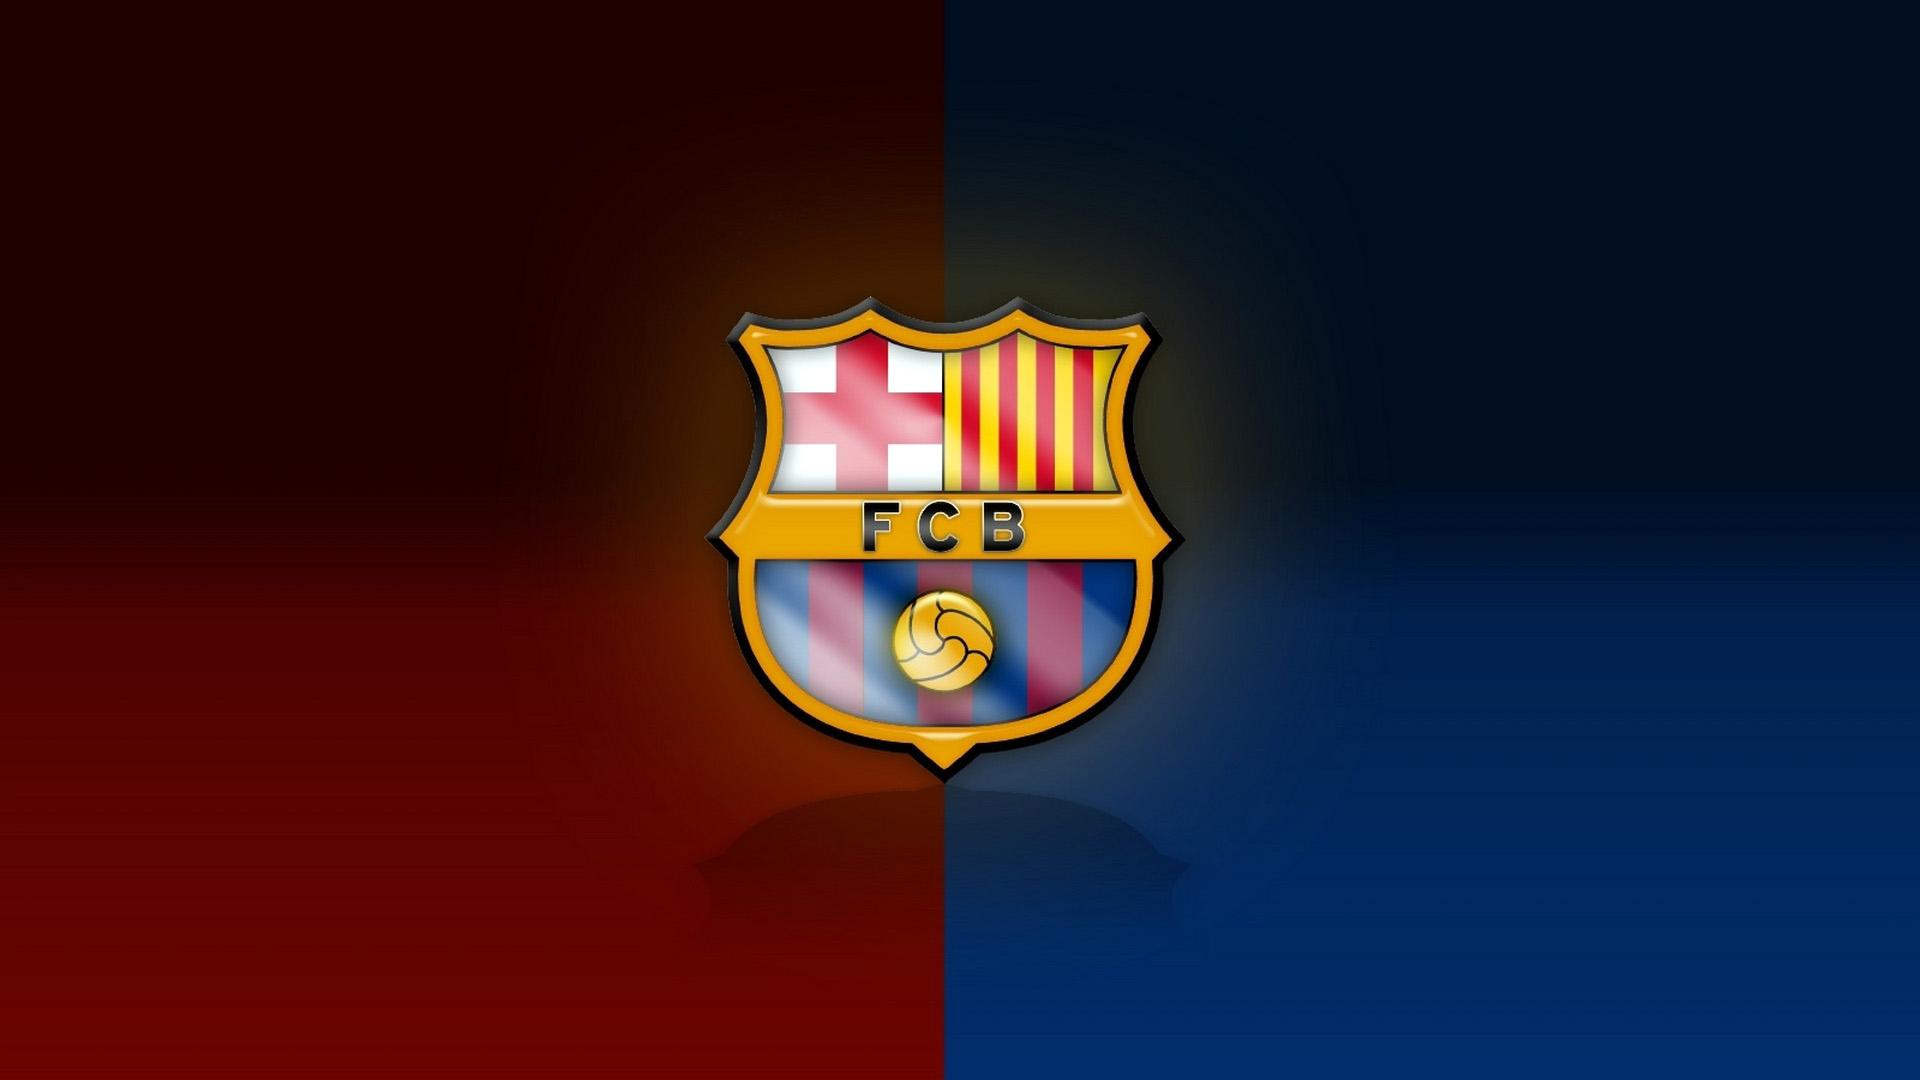 Fc Barcelona Skachat Oboi Na Rabochij Stol Krasivye Kartinki Dlya Rabochego Stola